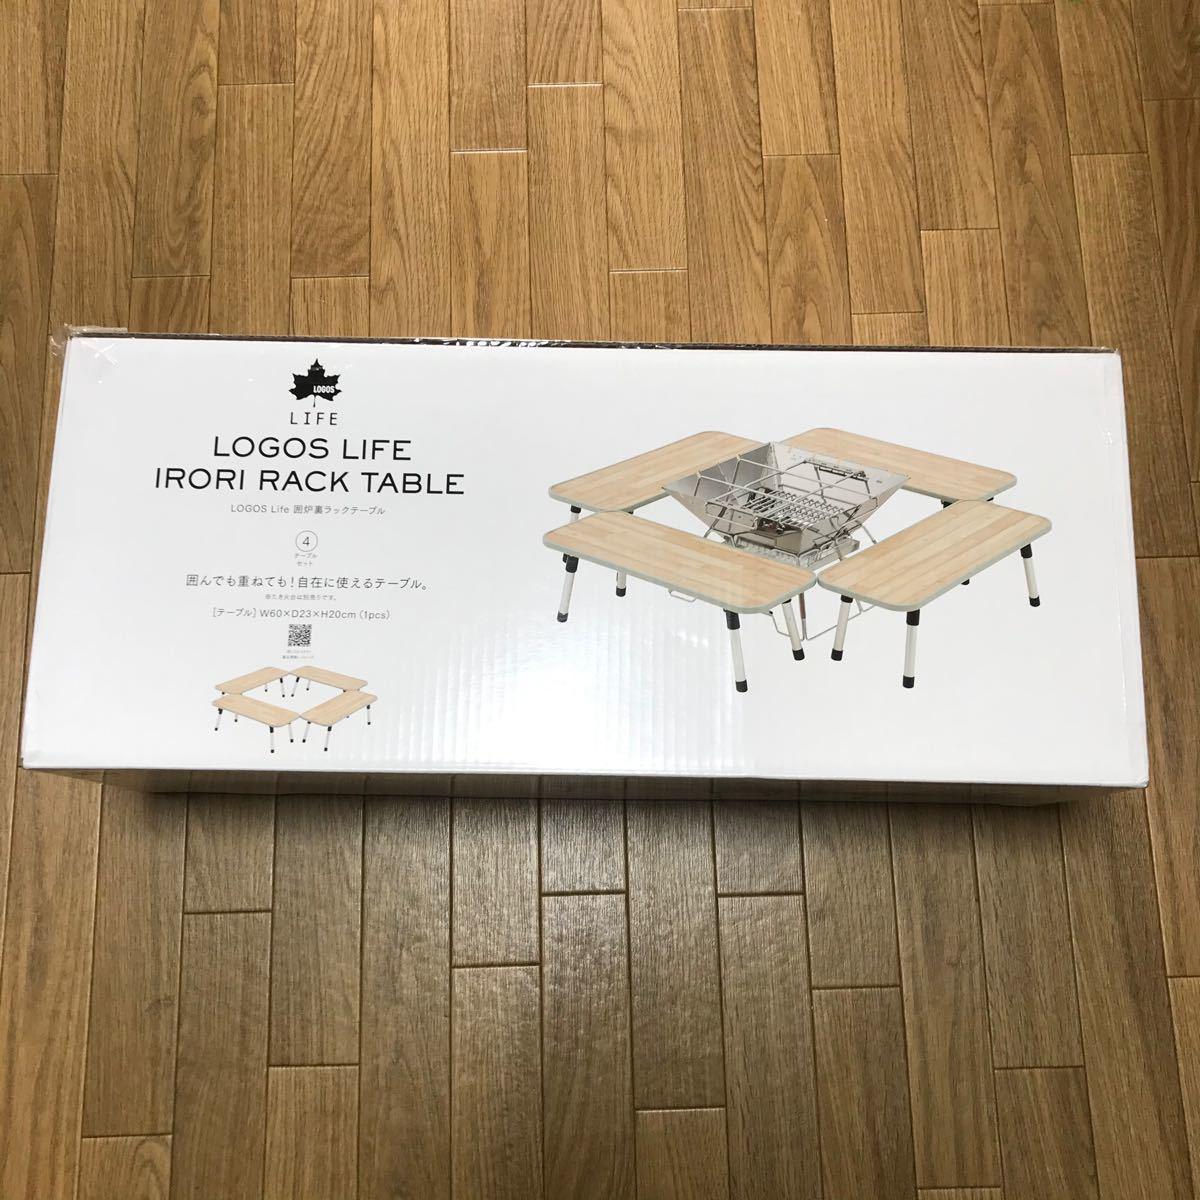 ロゴス(LOGOS) LOGOS Life 囲炉裏ラックテーブル 折りたたみ アウトドアテーブル キャンプテーブル